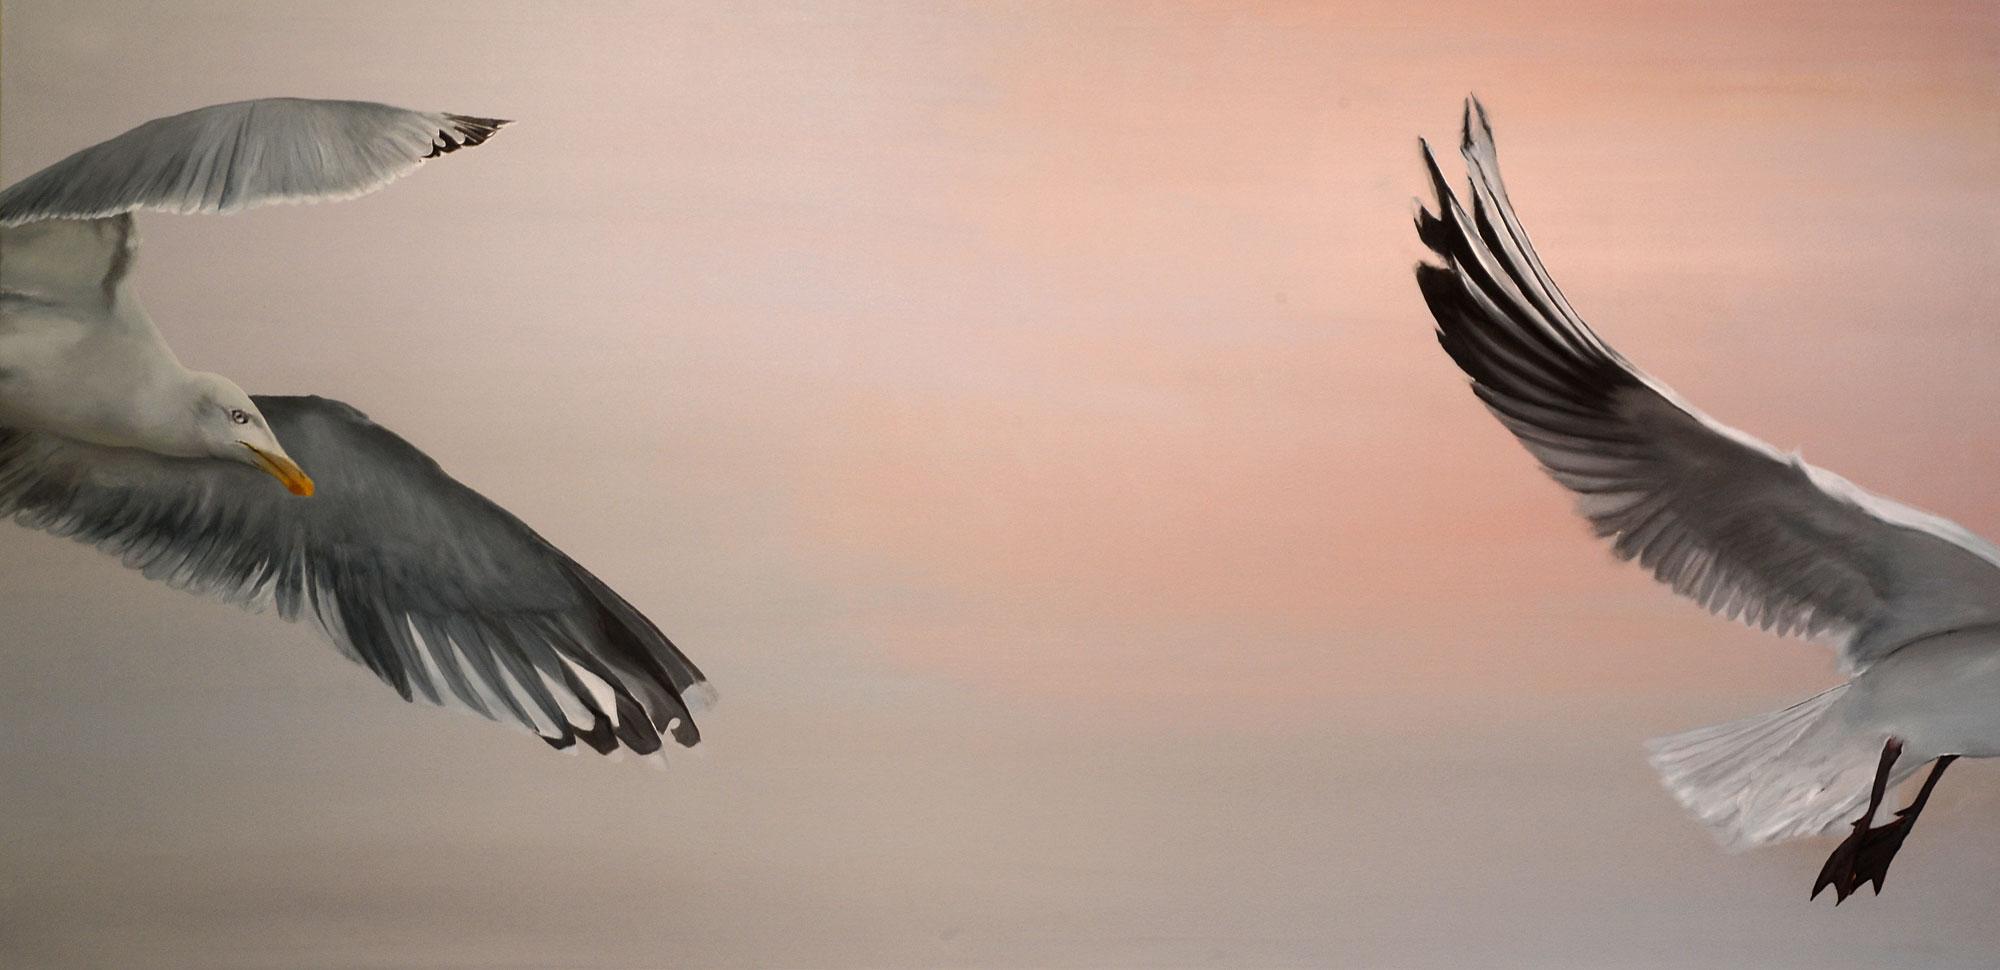 Durchflug, Öl auf Leinwand, 200x100 cm